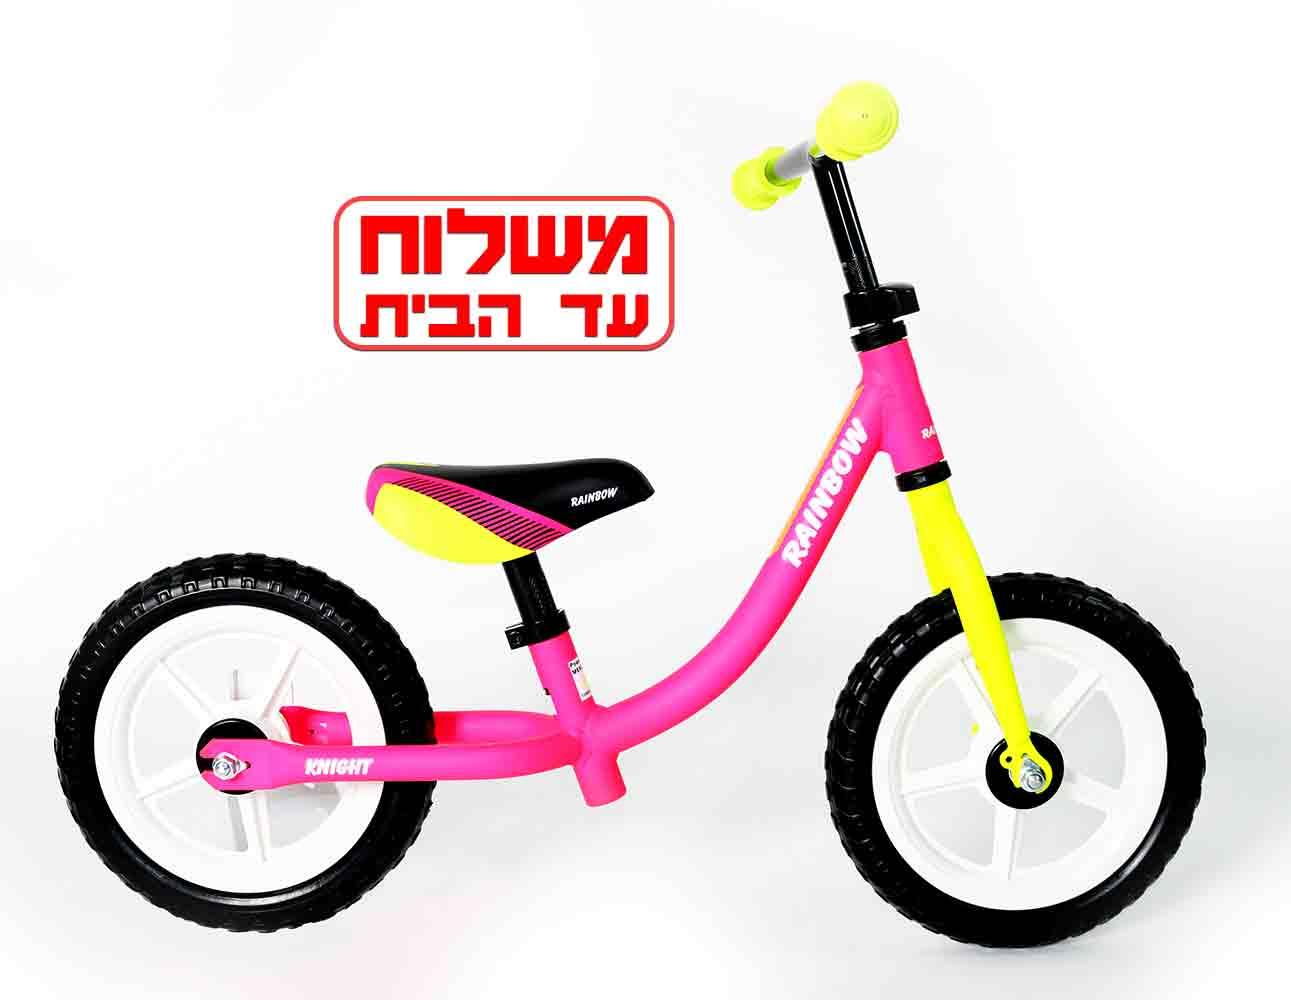 מתוחכם אופני דחיפה / איזון - אלומיניום - א.א. אופניים KL-42